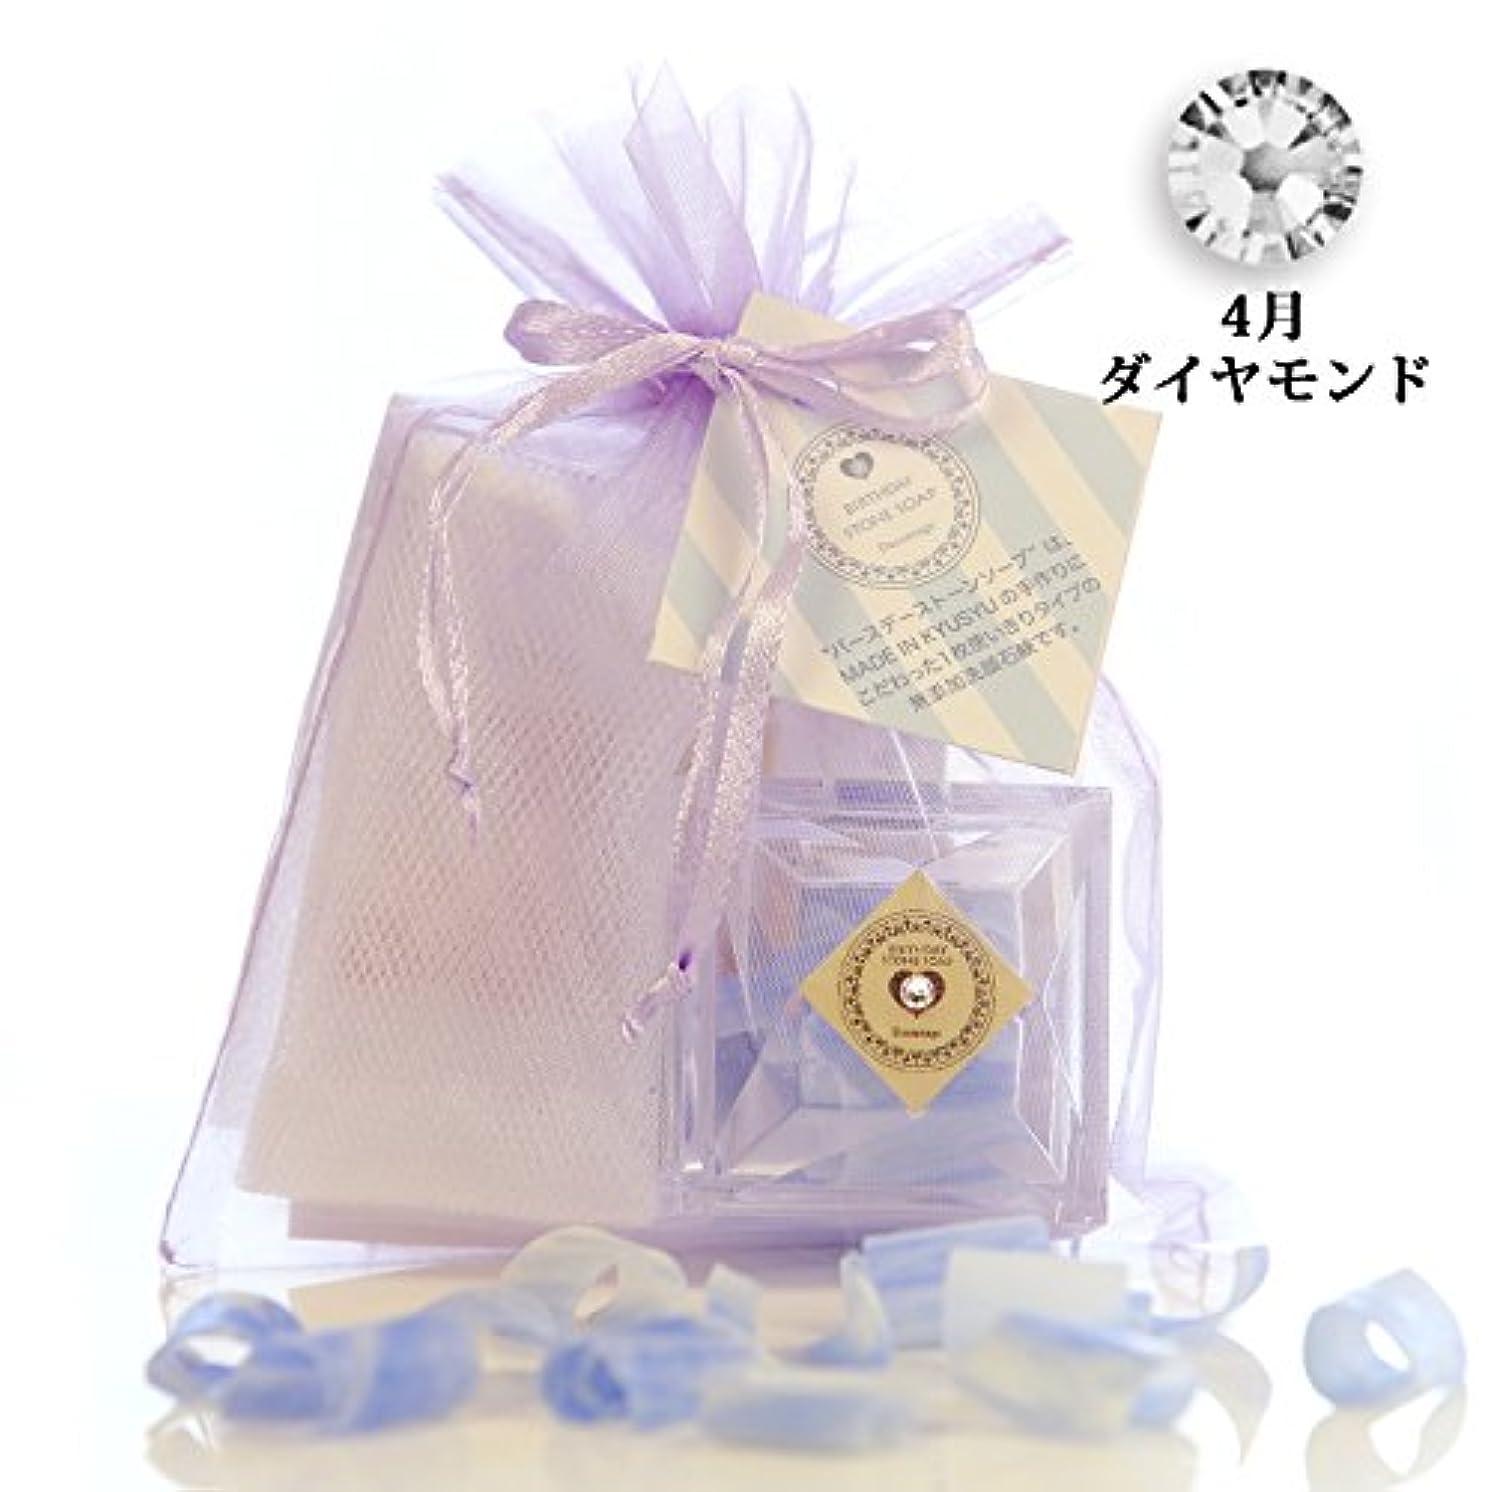 誘うブート分類する誕生月で選べるバースデーストーンソープ マリンmini プチギフト 【4月】 ダイヤモンド(プルメリアの香り)